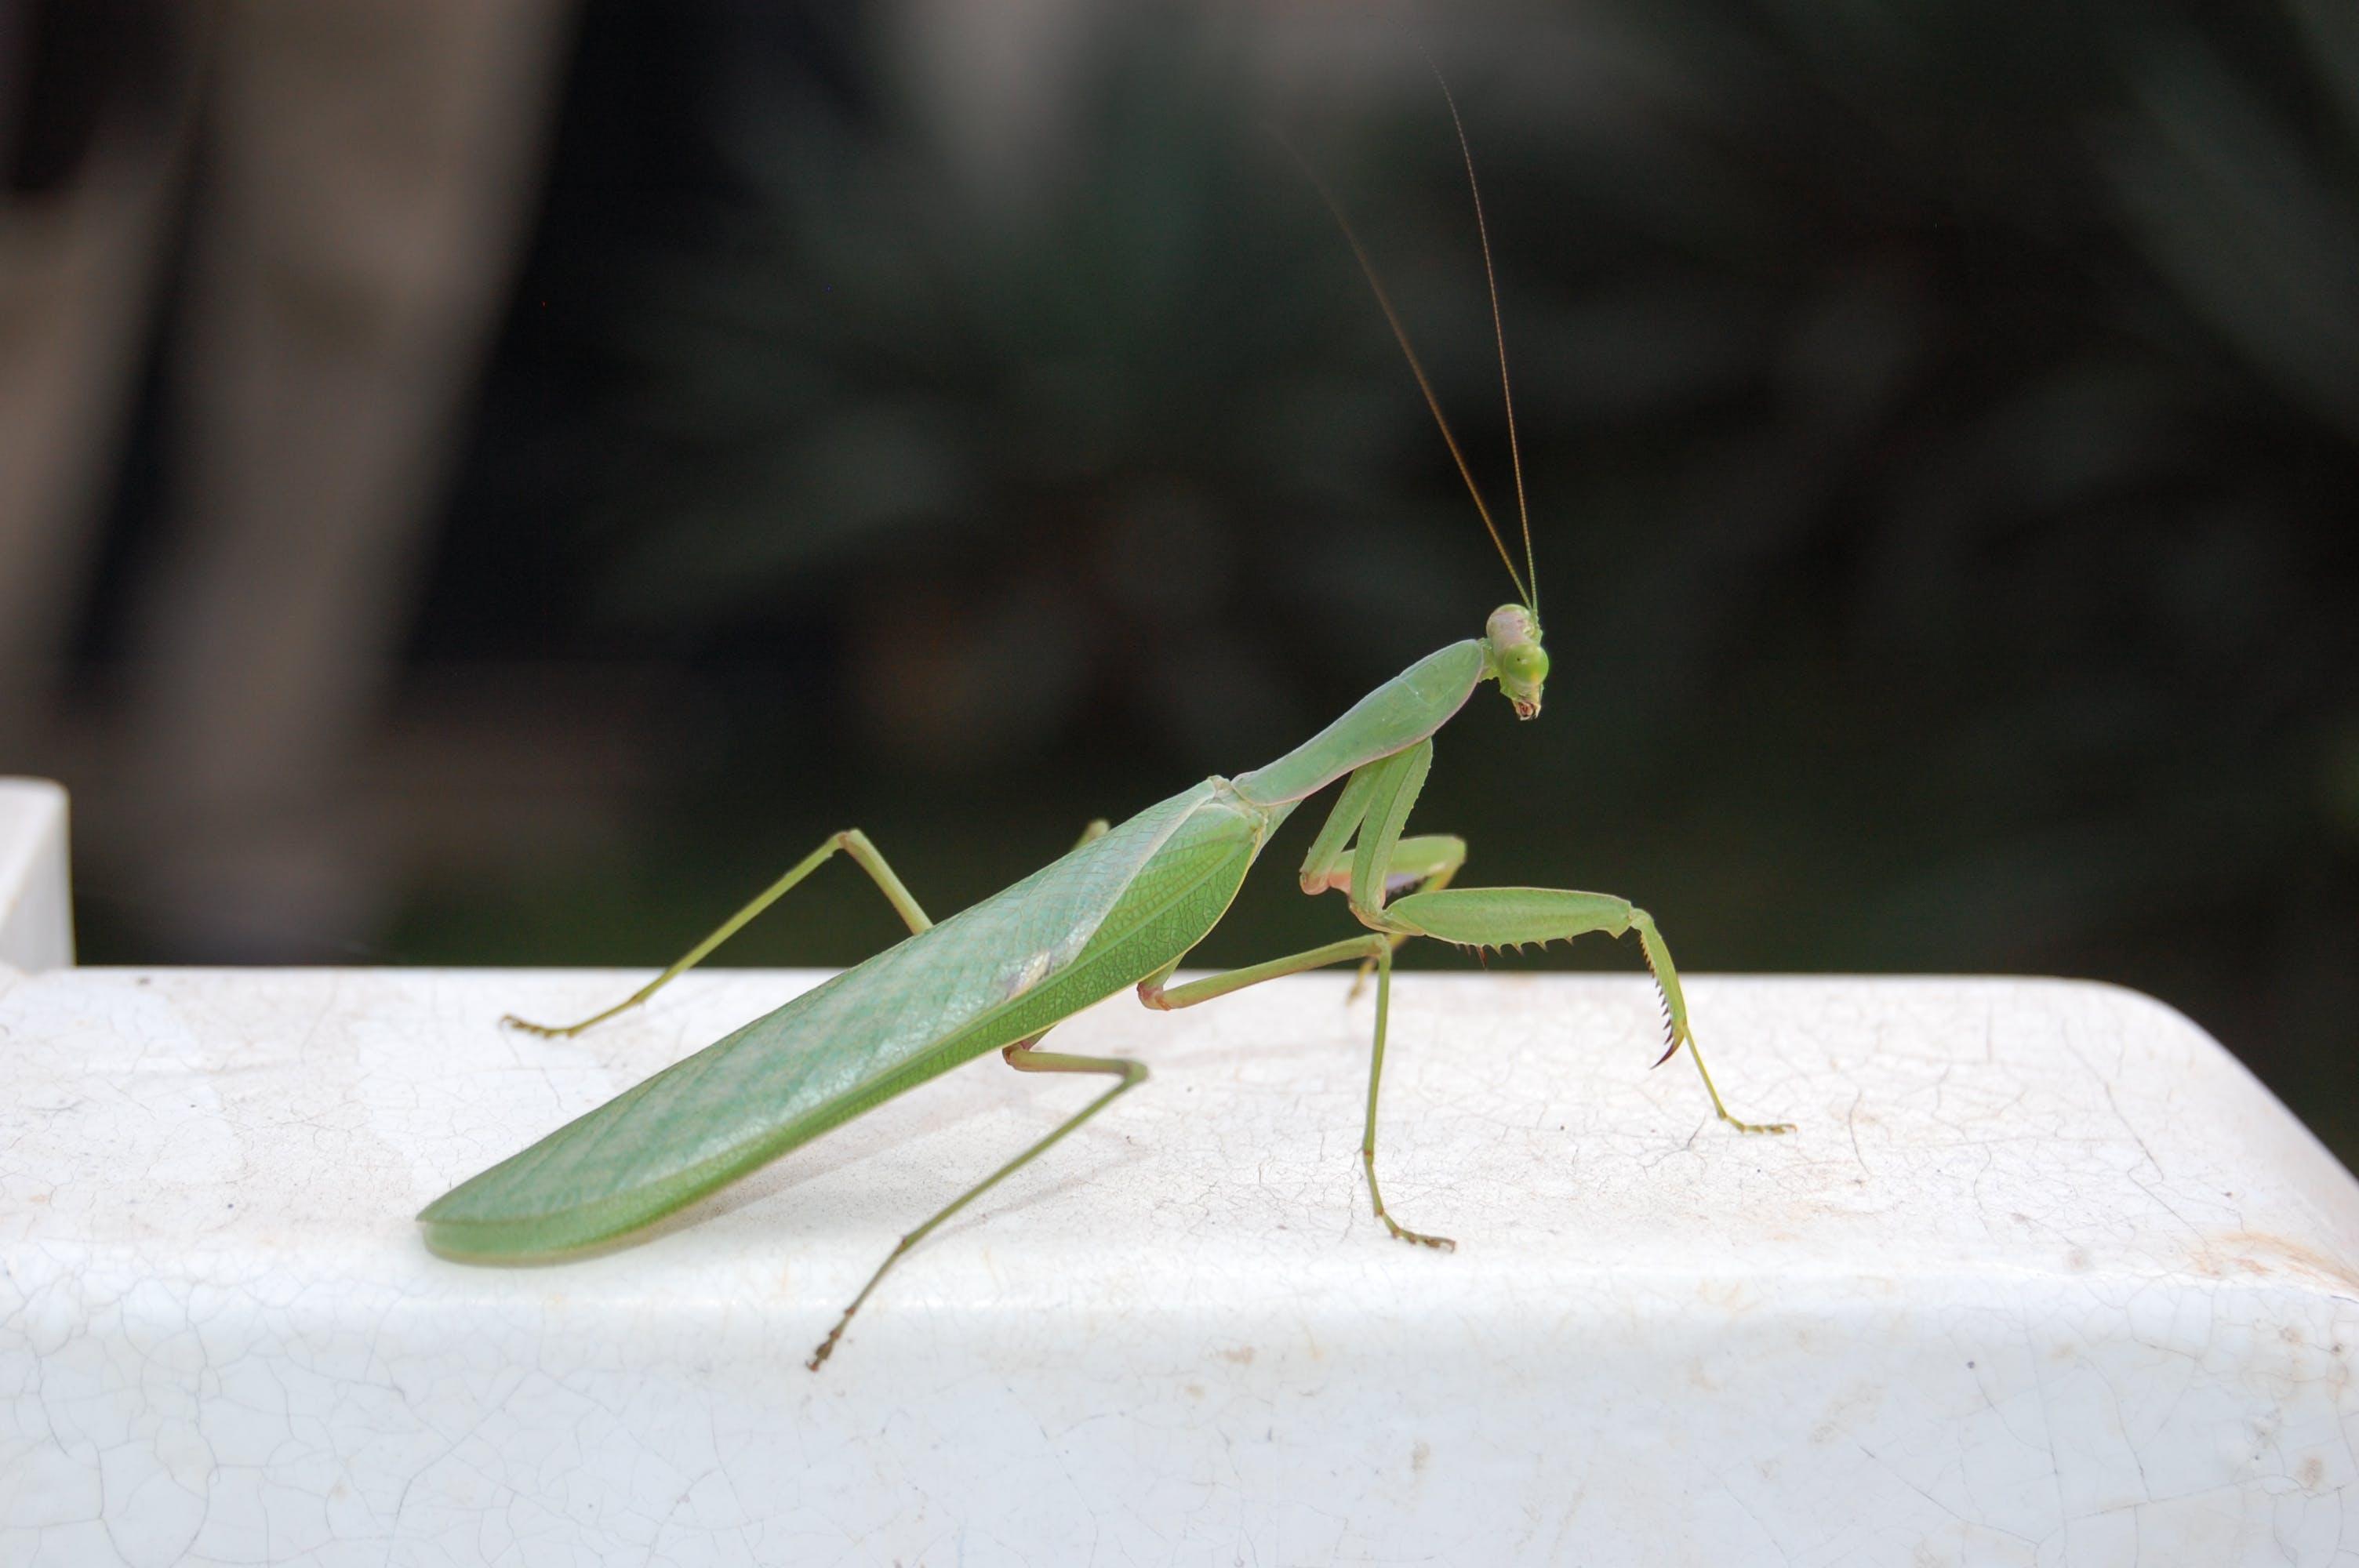 Free stock photo of praying mantis